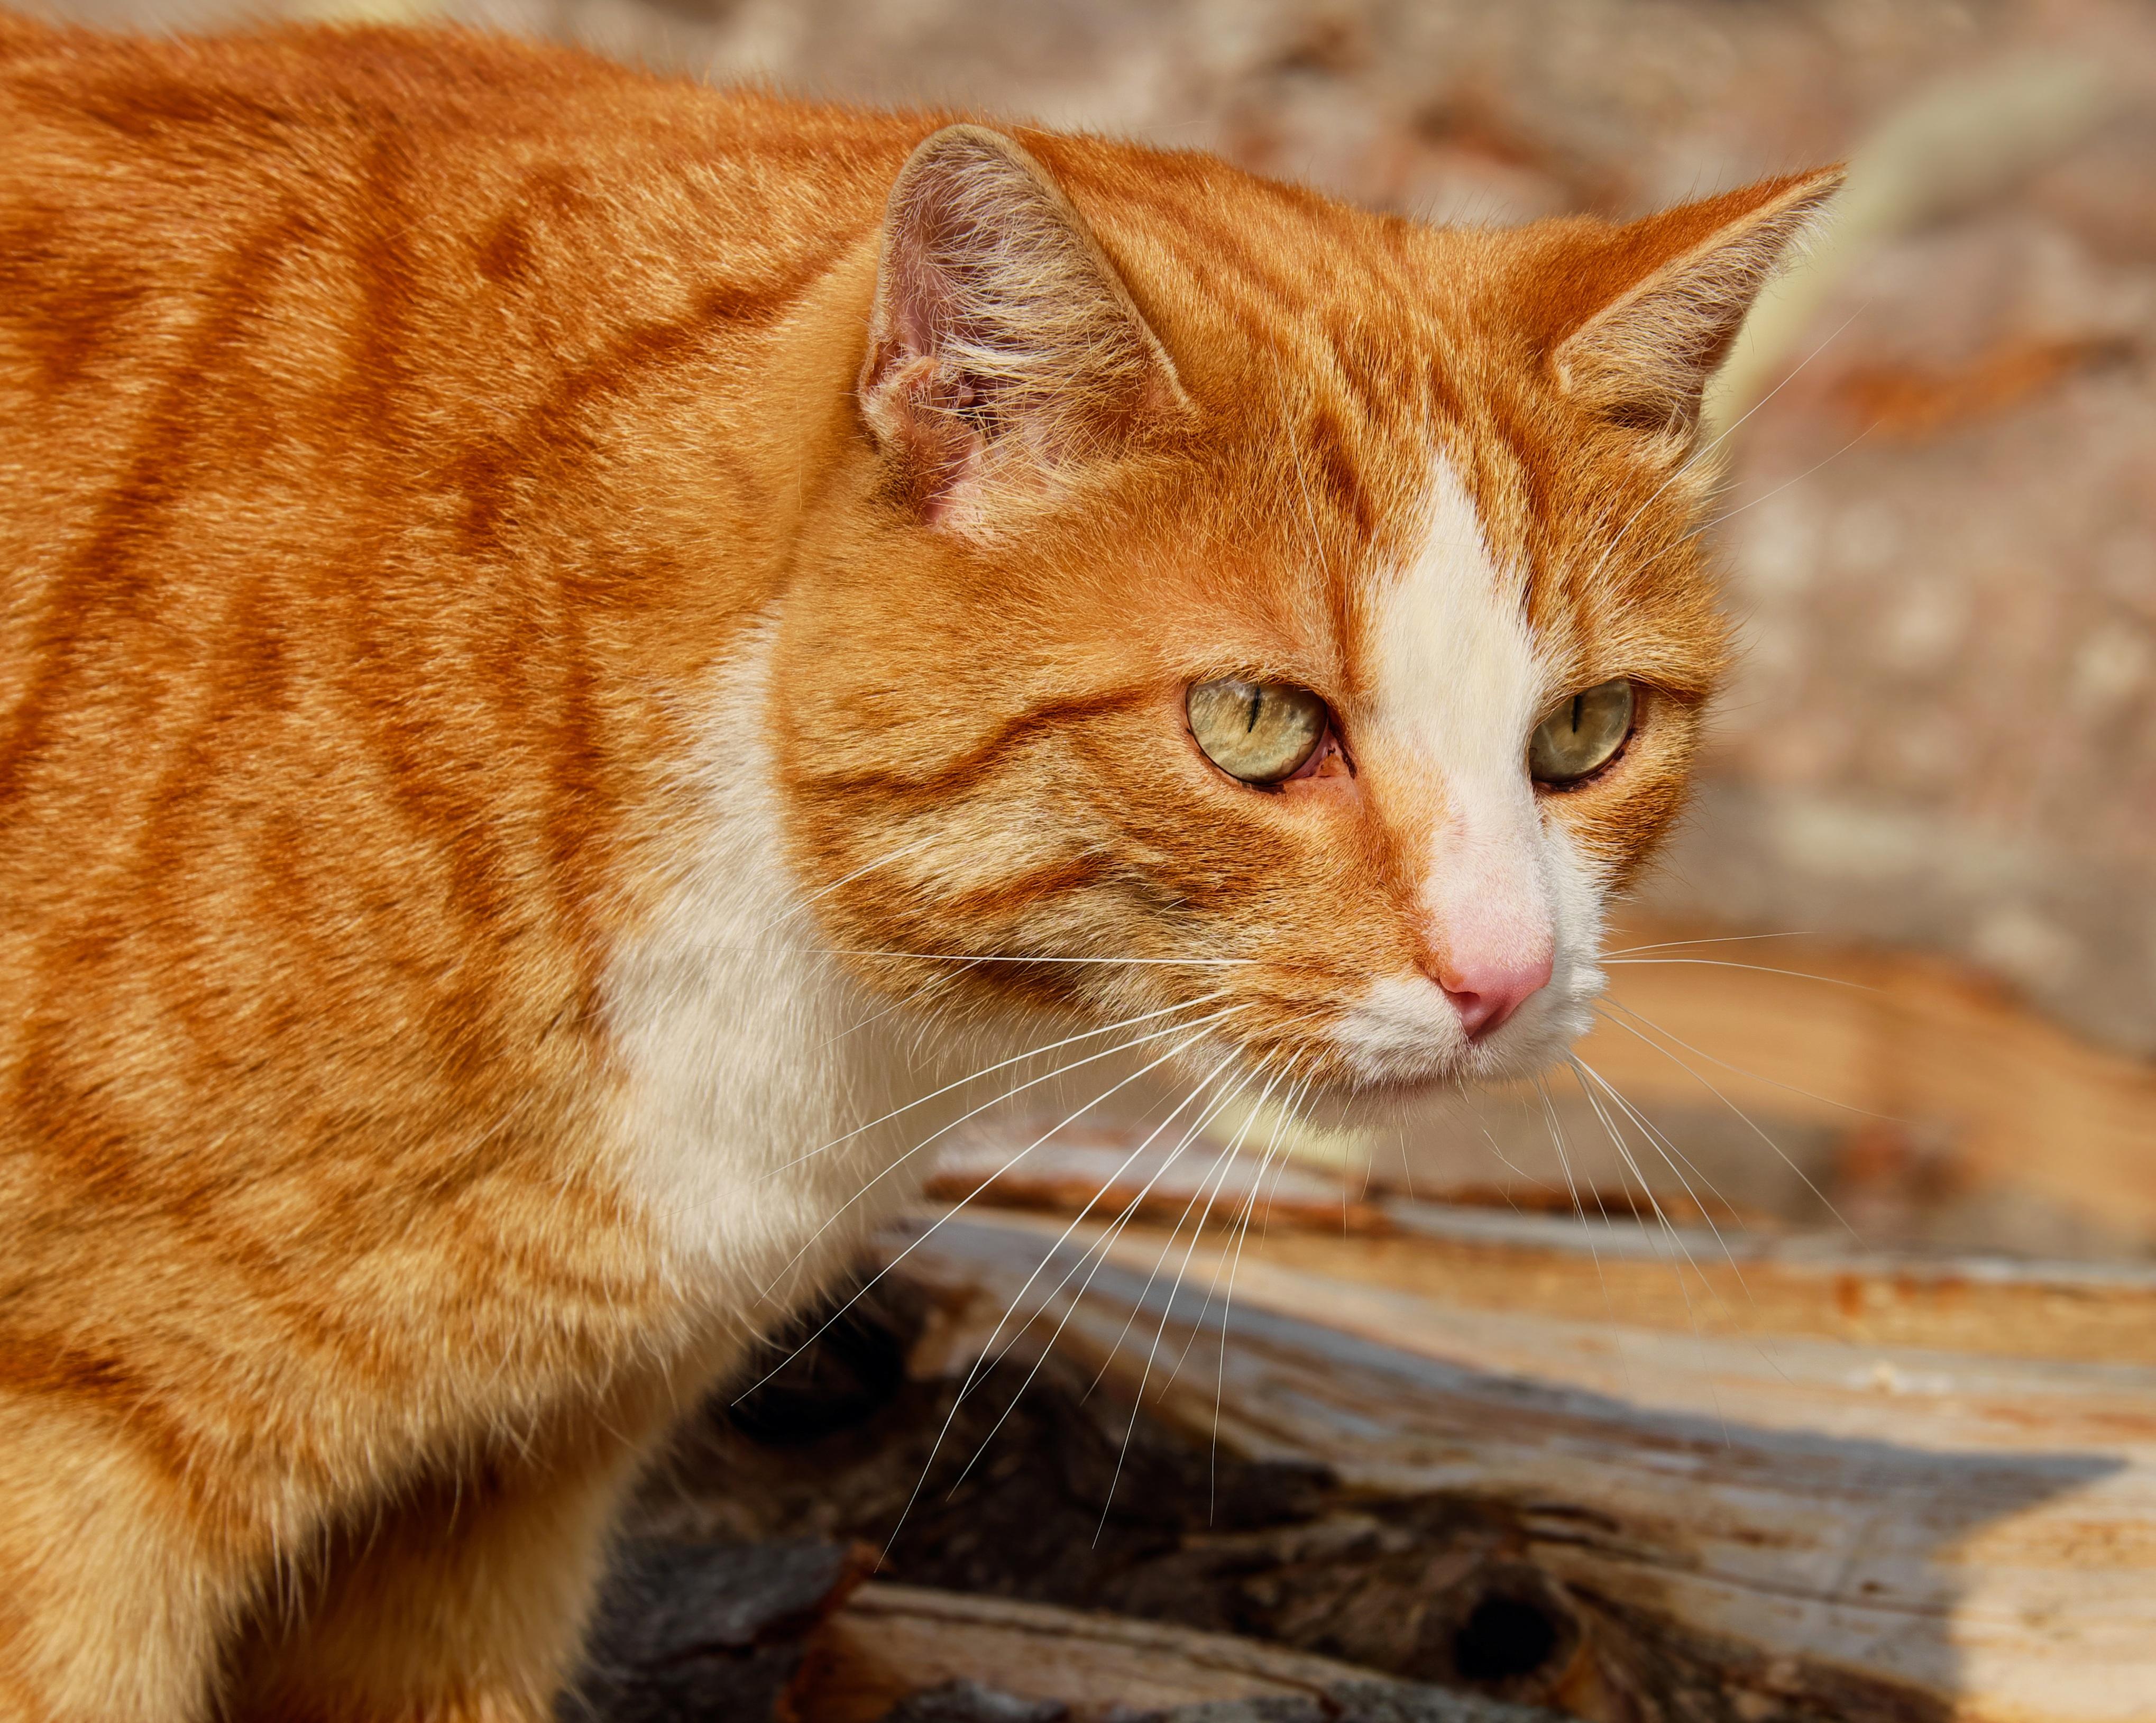 wild world cat stevens